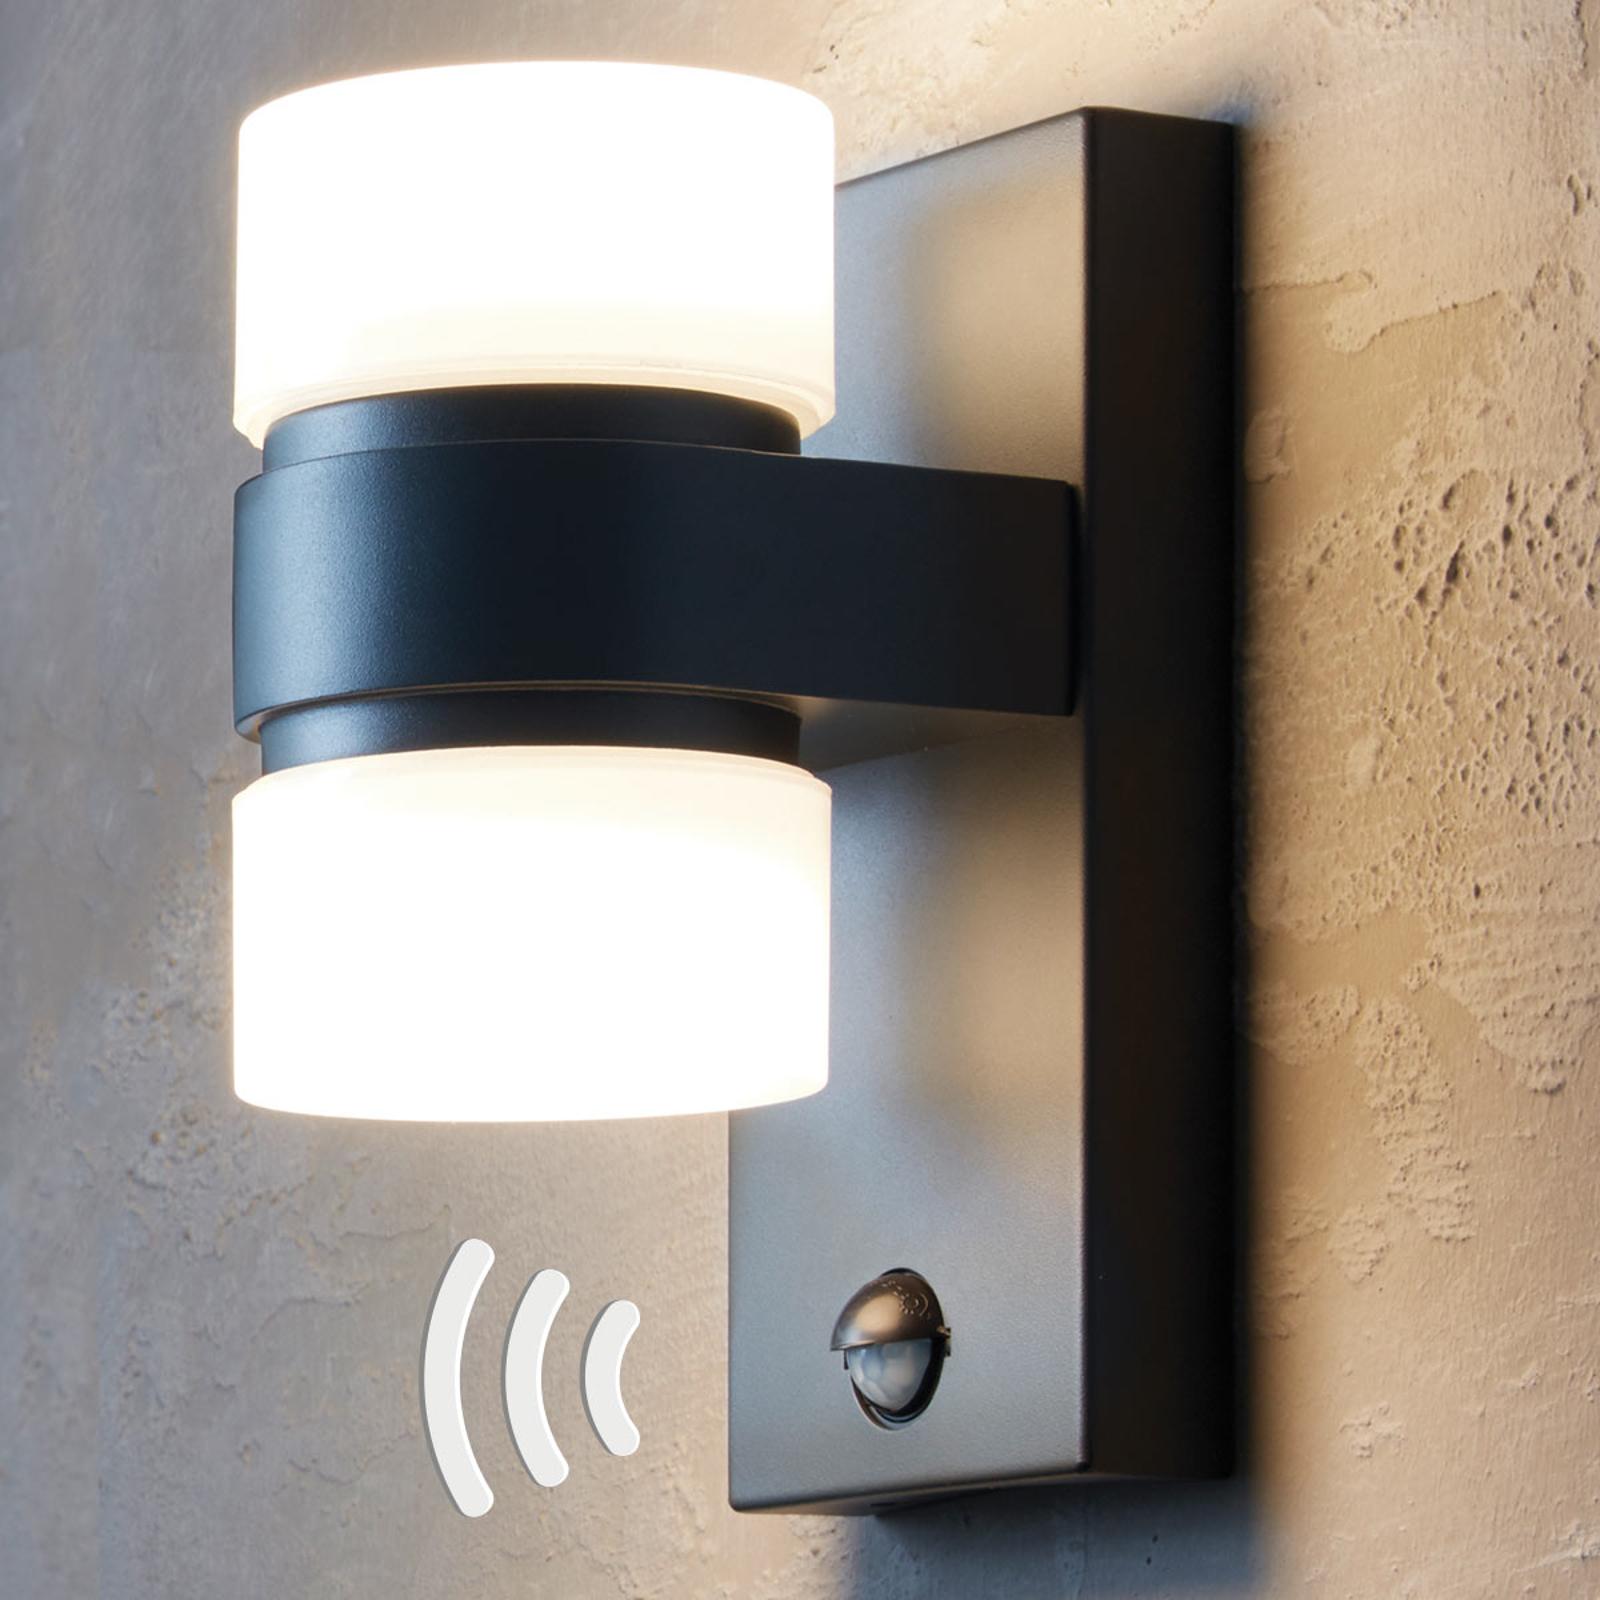 Utendørs LED-vegglampe Atollari bevegelsessensor